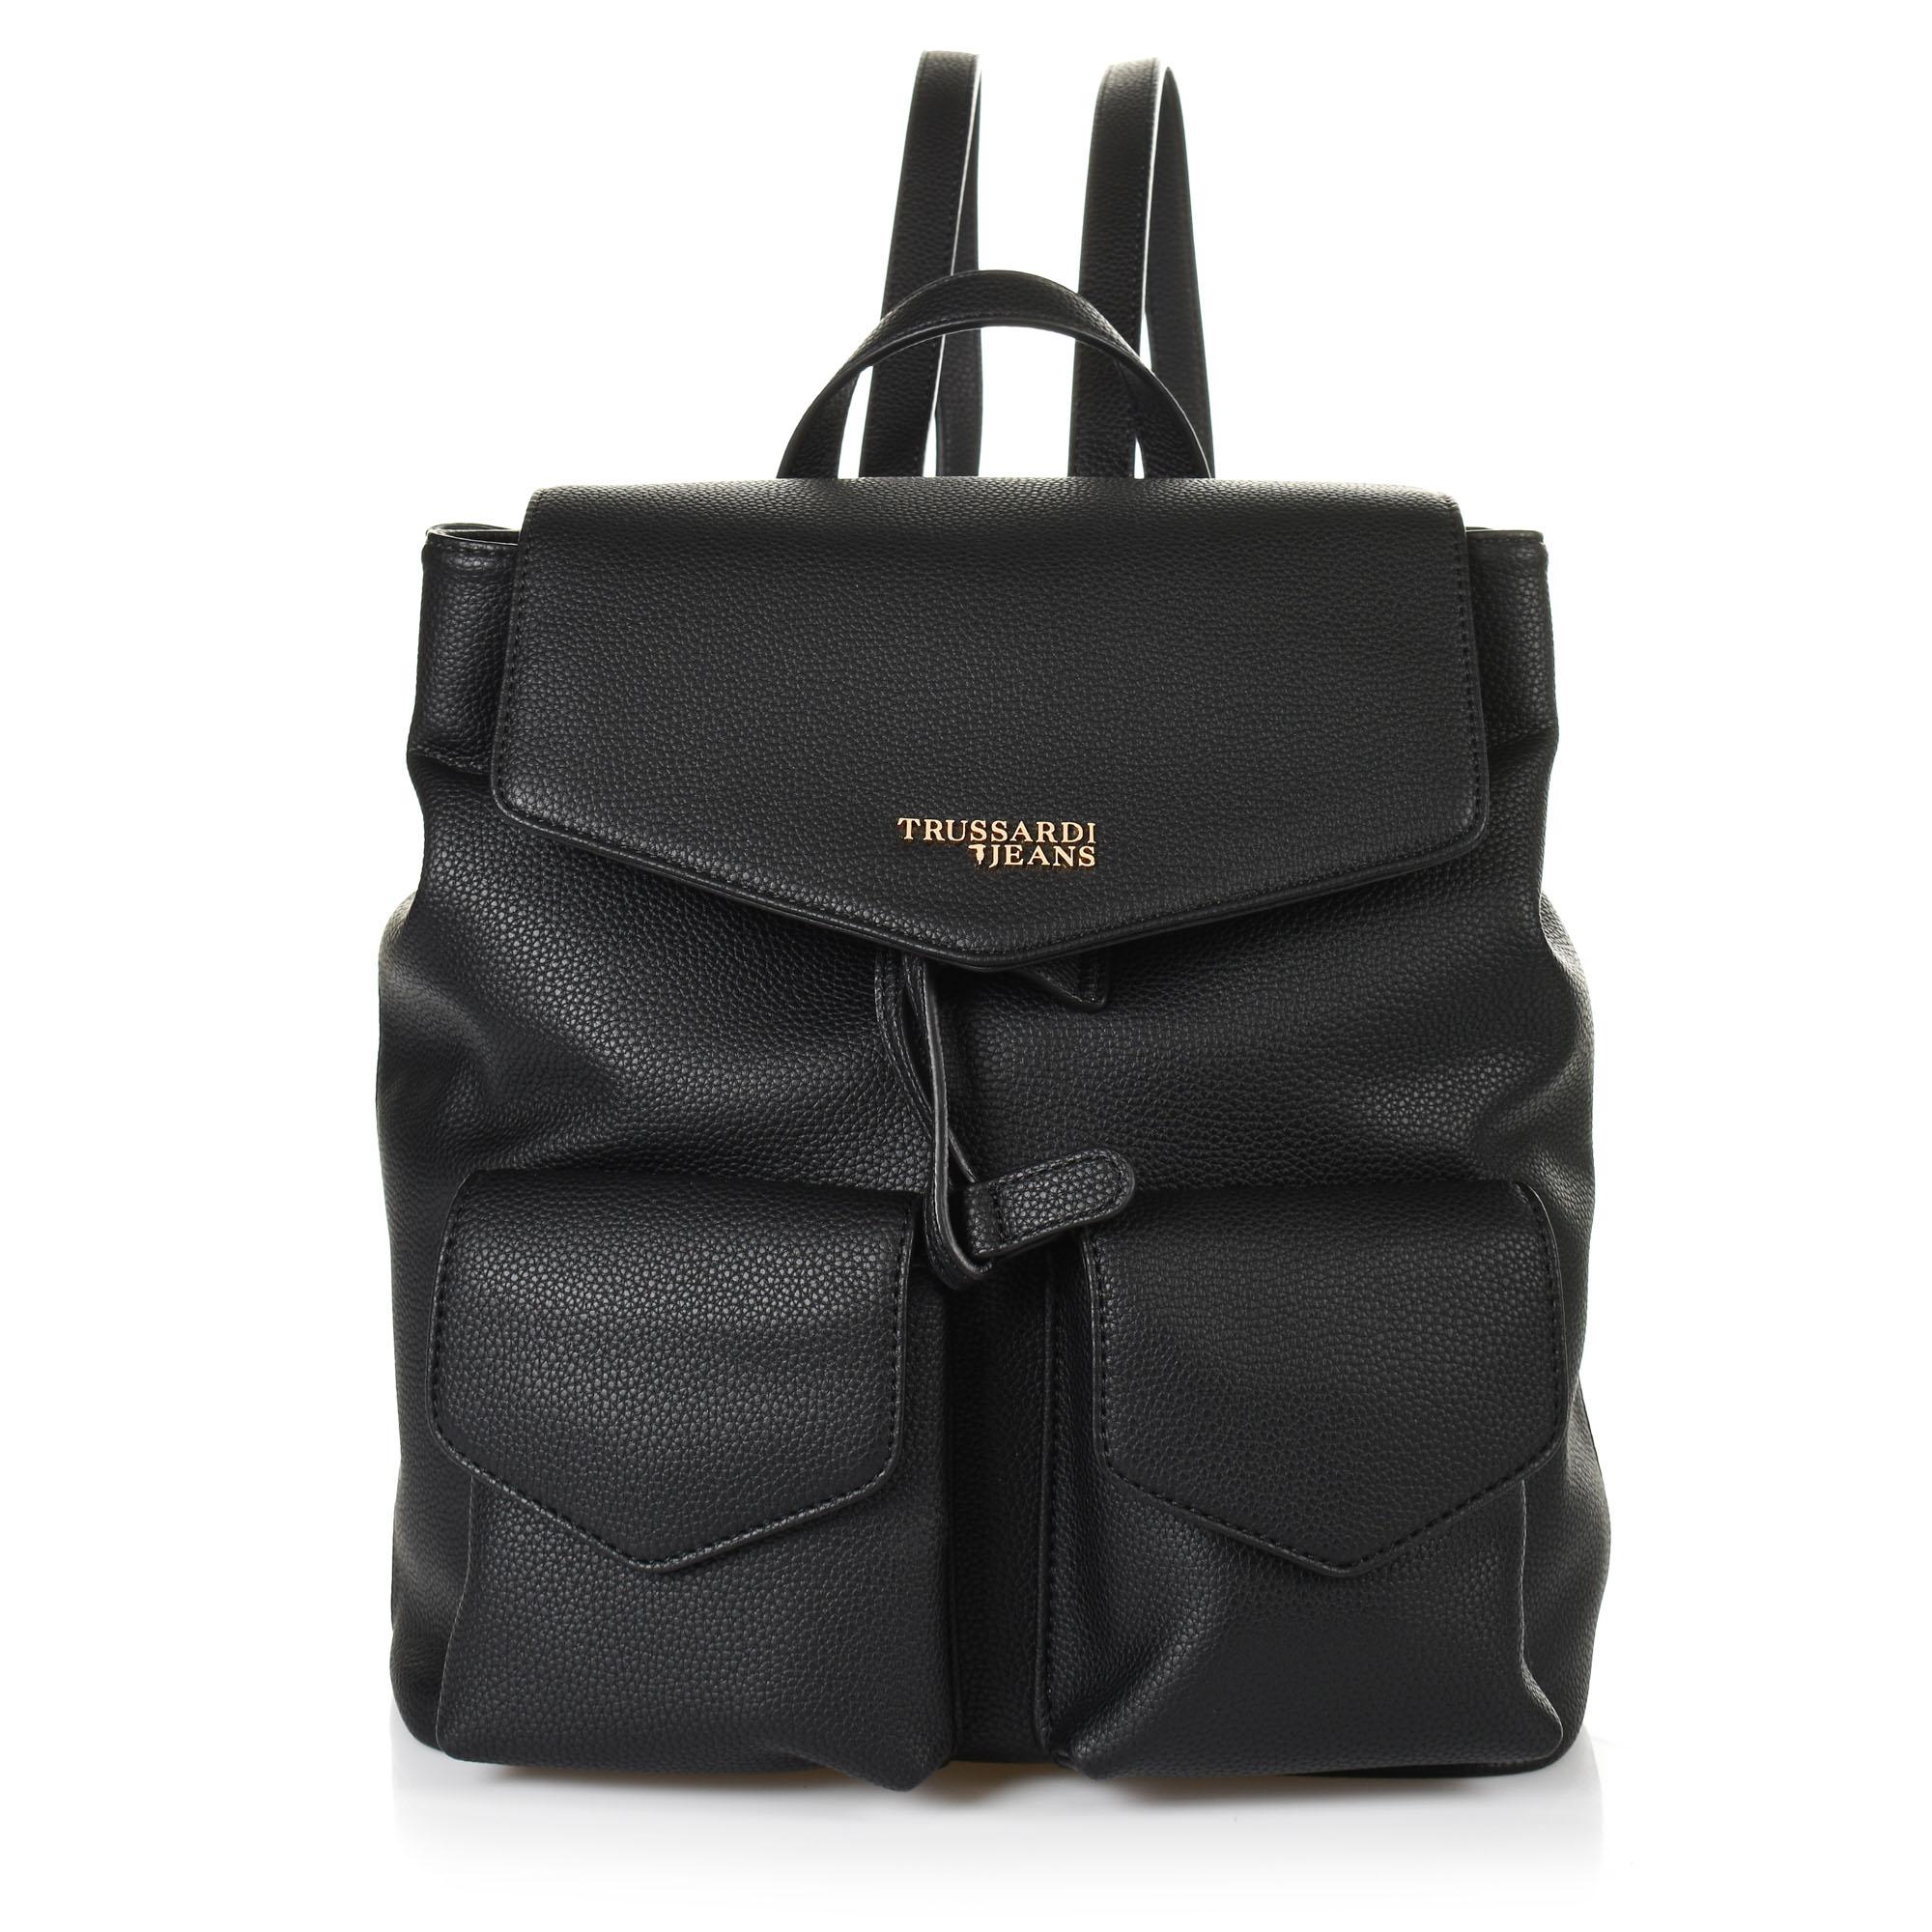 Σακίδιο Πλάτης Trussardi Jeans Charlote Backpack MD Tumbled 75B00830